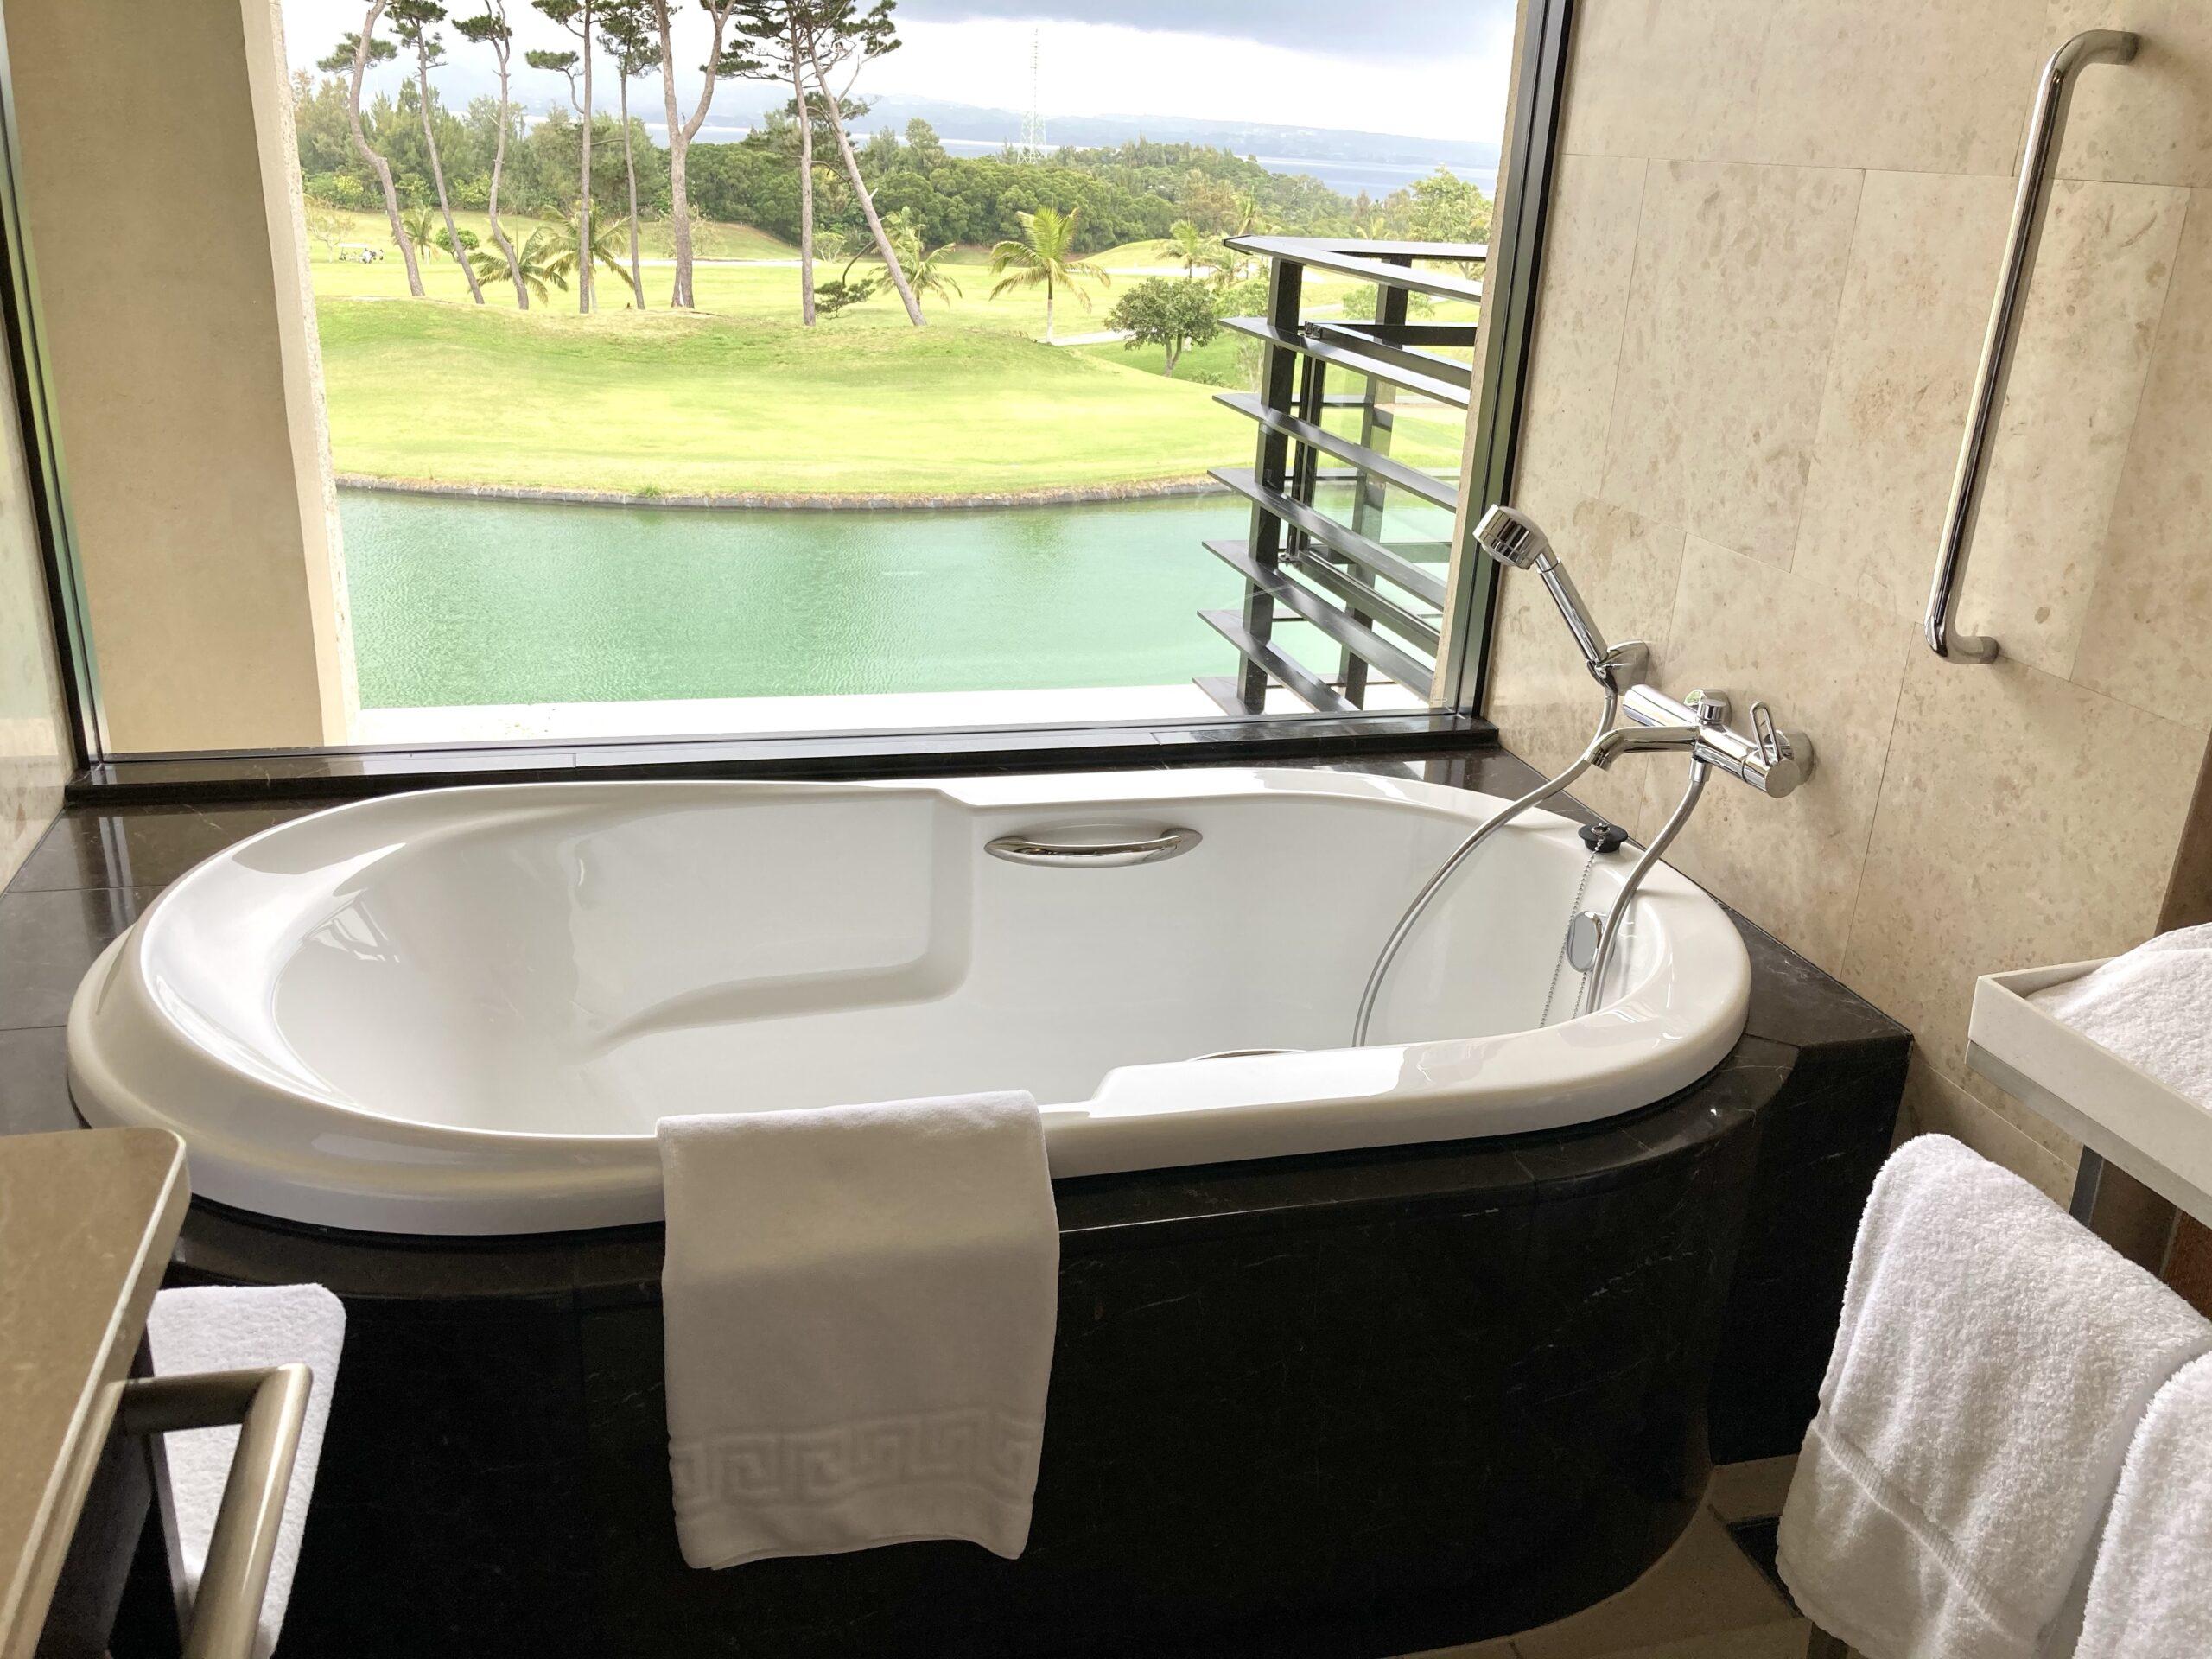 「ザリッツカールトン沖縄」部屋のバスルームの写真